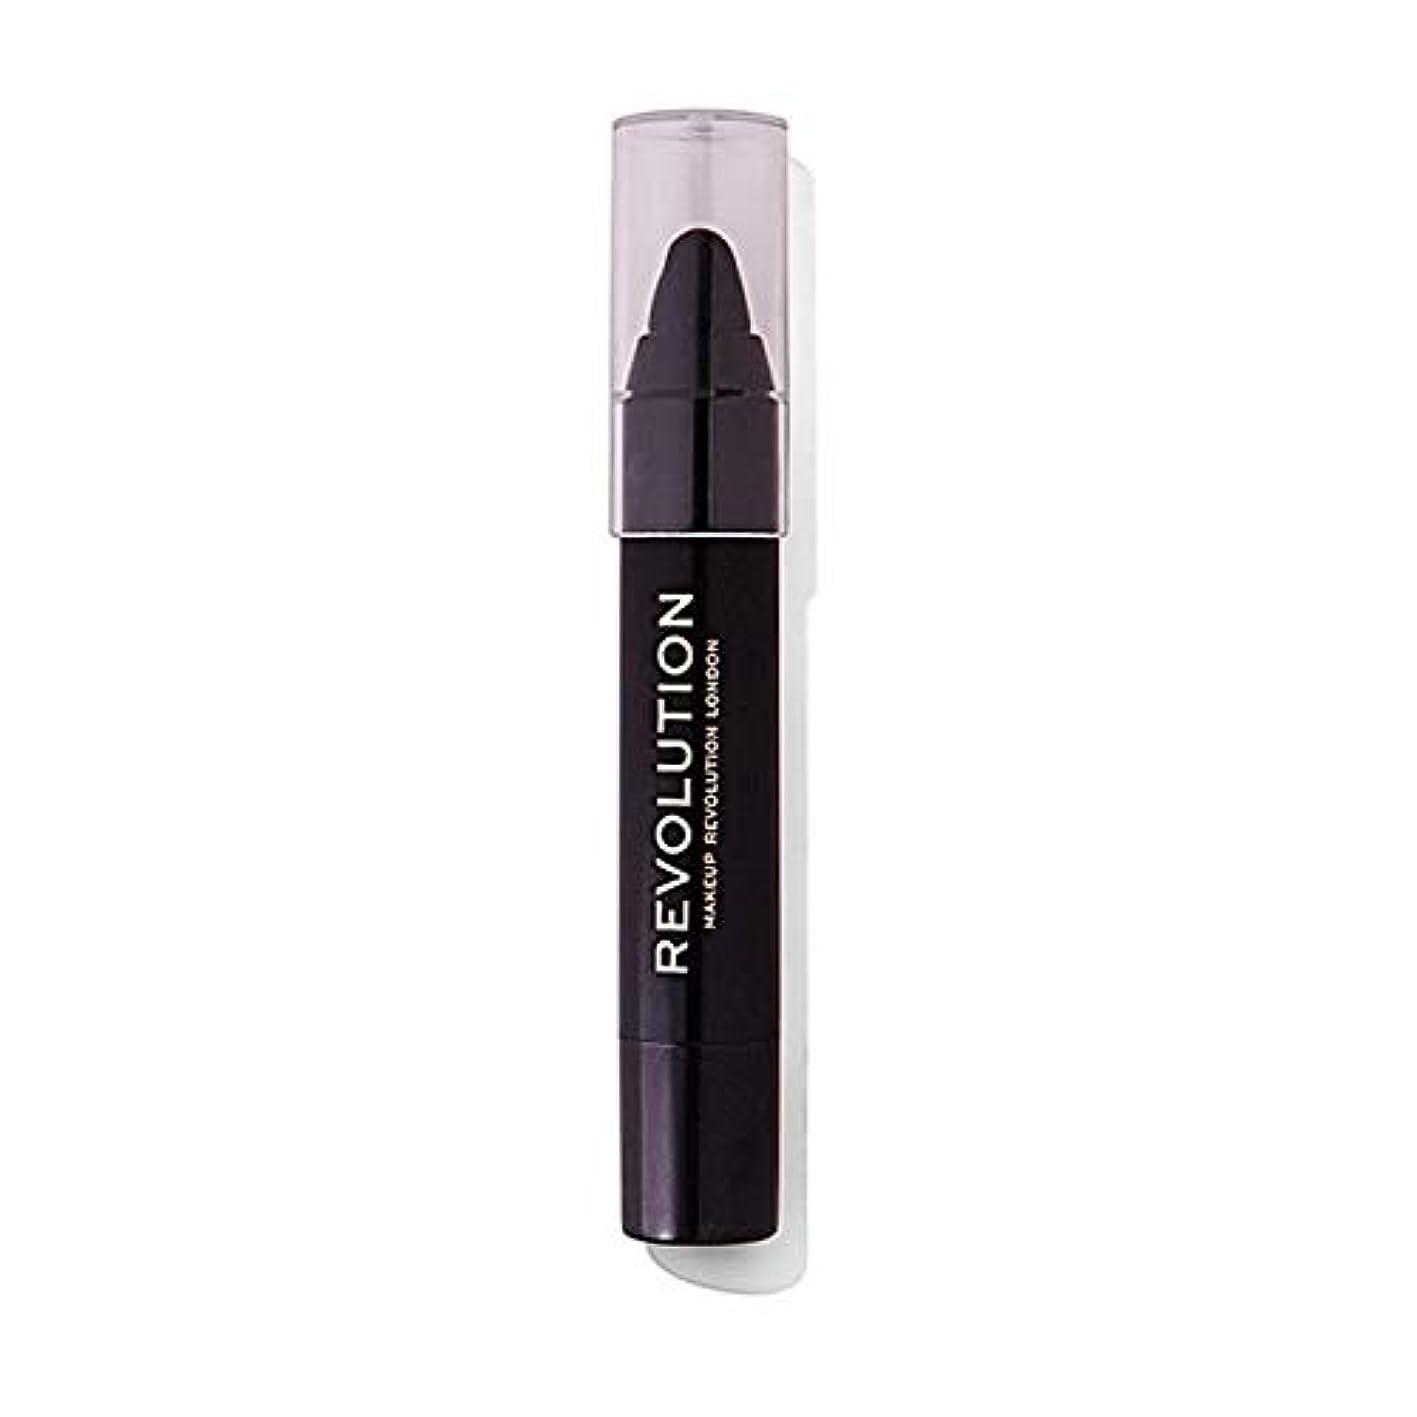 アラビア語限りアルバニー[Hair Revolution ] 化粧革命のルートスティックブラックをカバー - Makeup Revolution Root Cover Up Stick Black [並行輸入品]